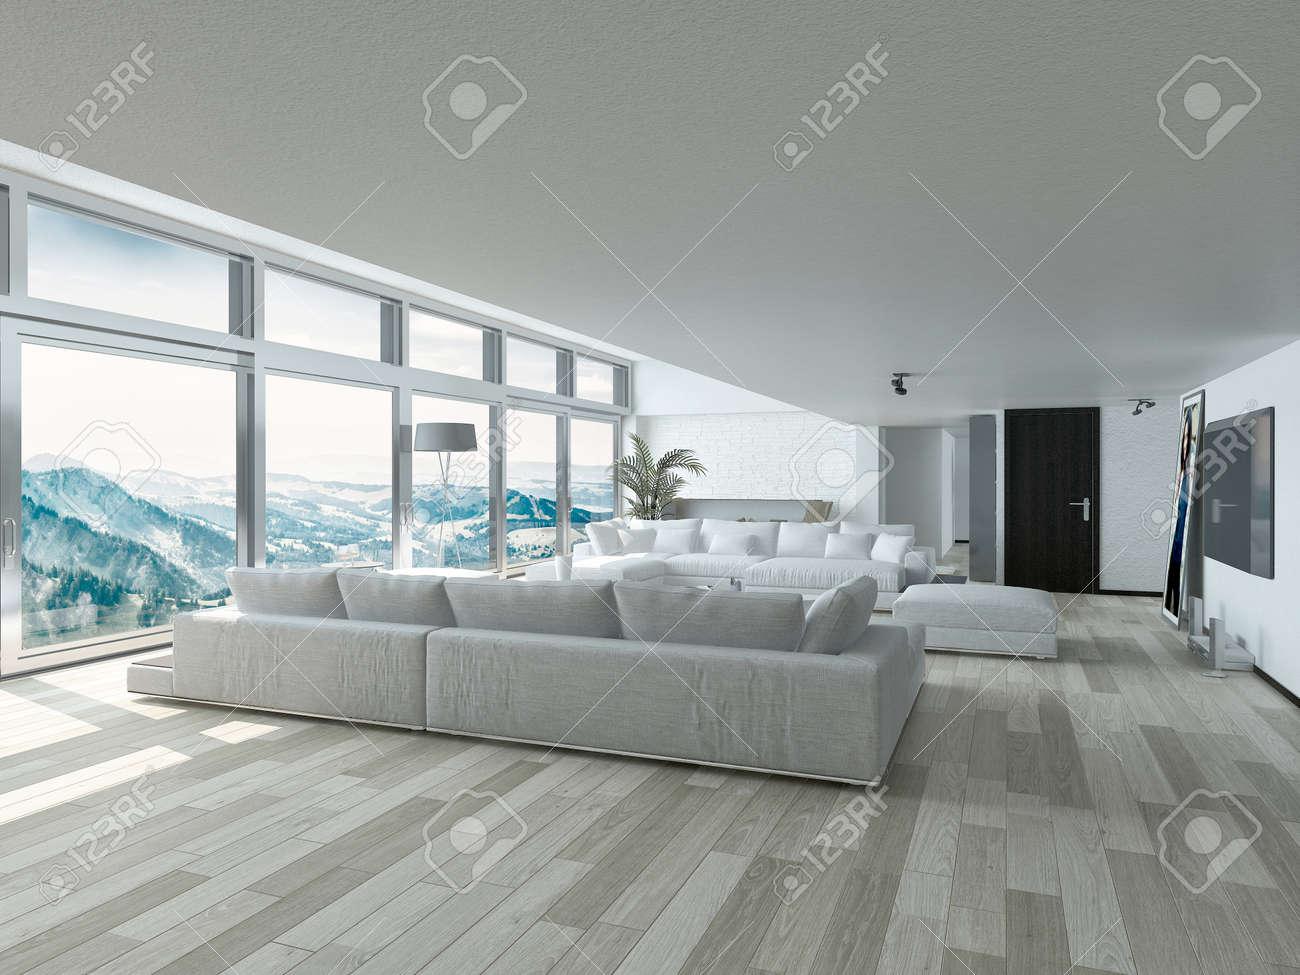 Moderne Wohnzimmer-Design Mit Eleganten Weißen Couches Und Tabelle ...